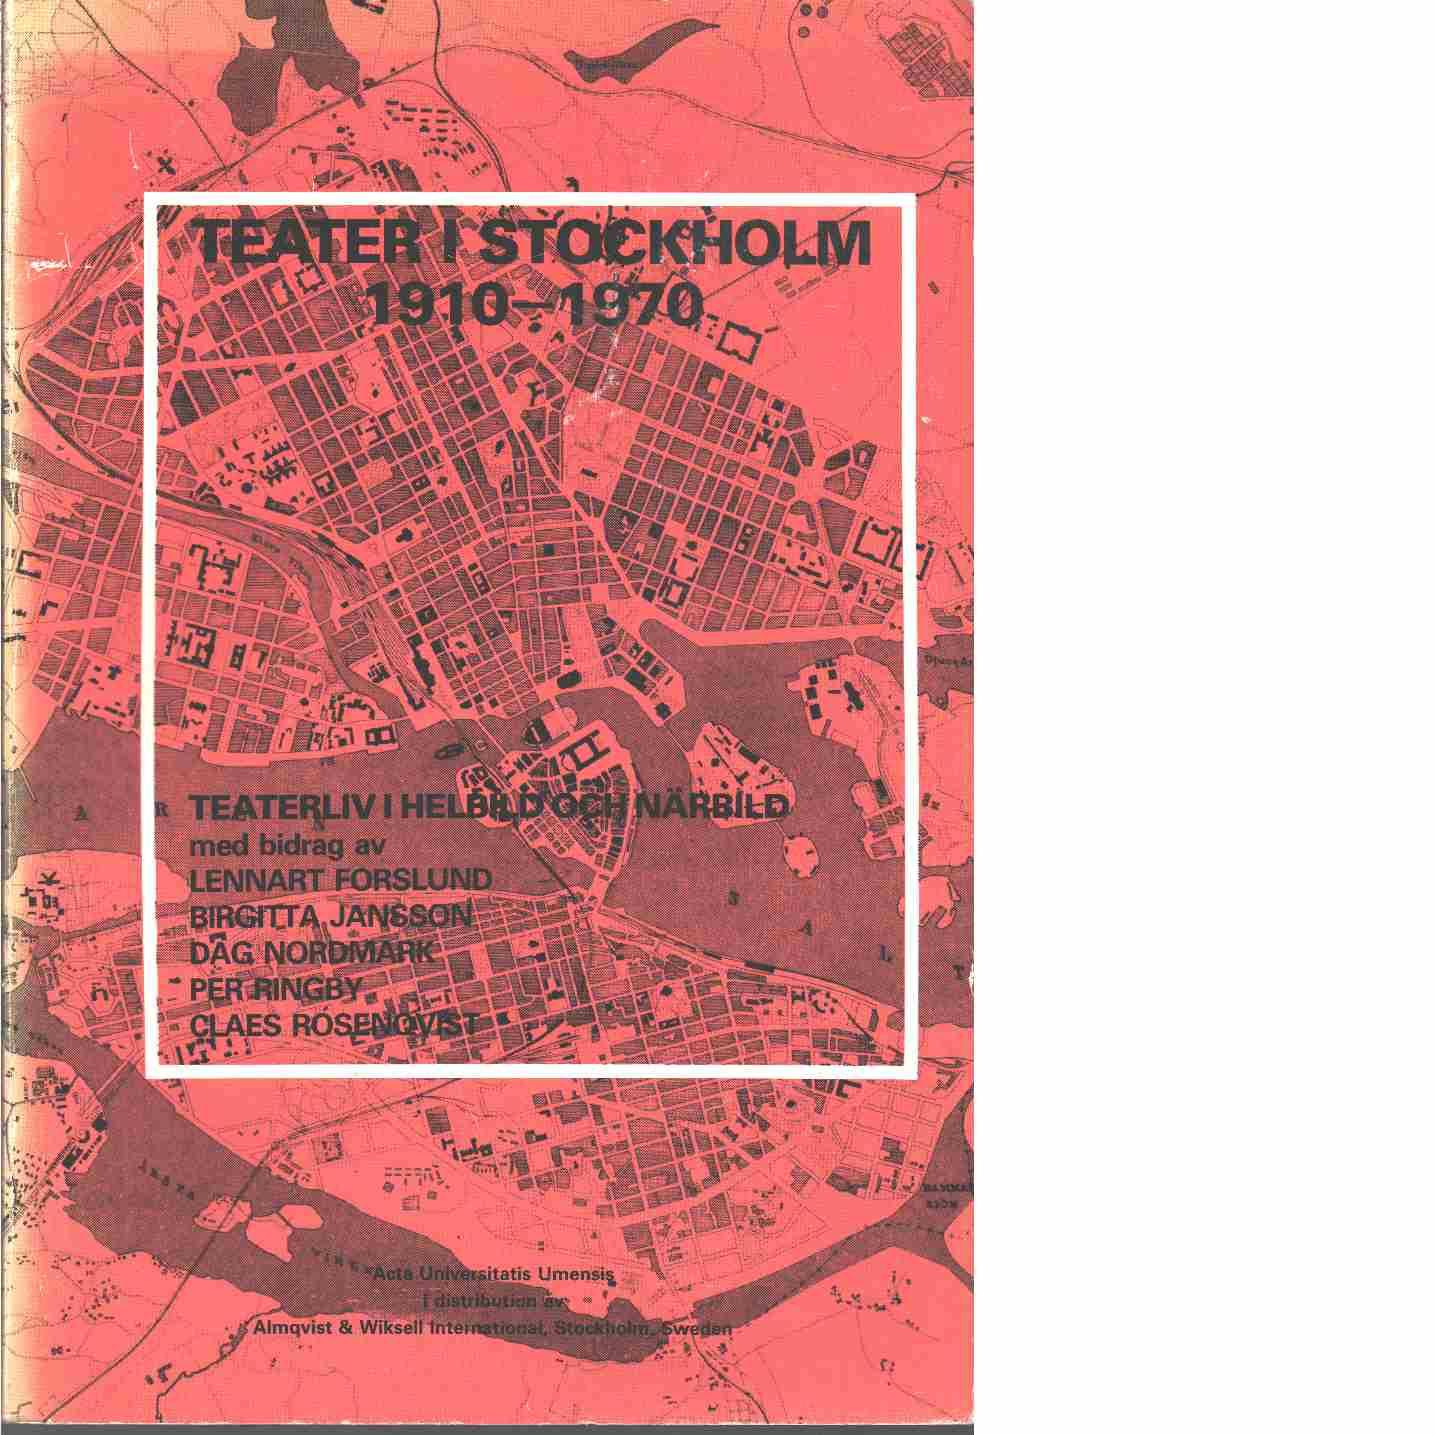 Teater i Stockholm 1910-1970. Vol. 1:1, Teaterliv i helbild och närbild  - Red. Forslund, Lennart